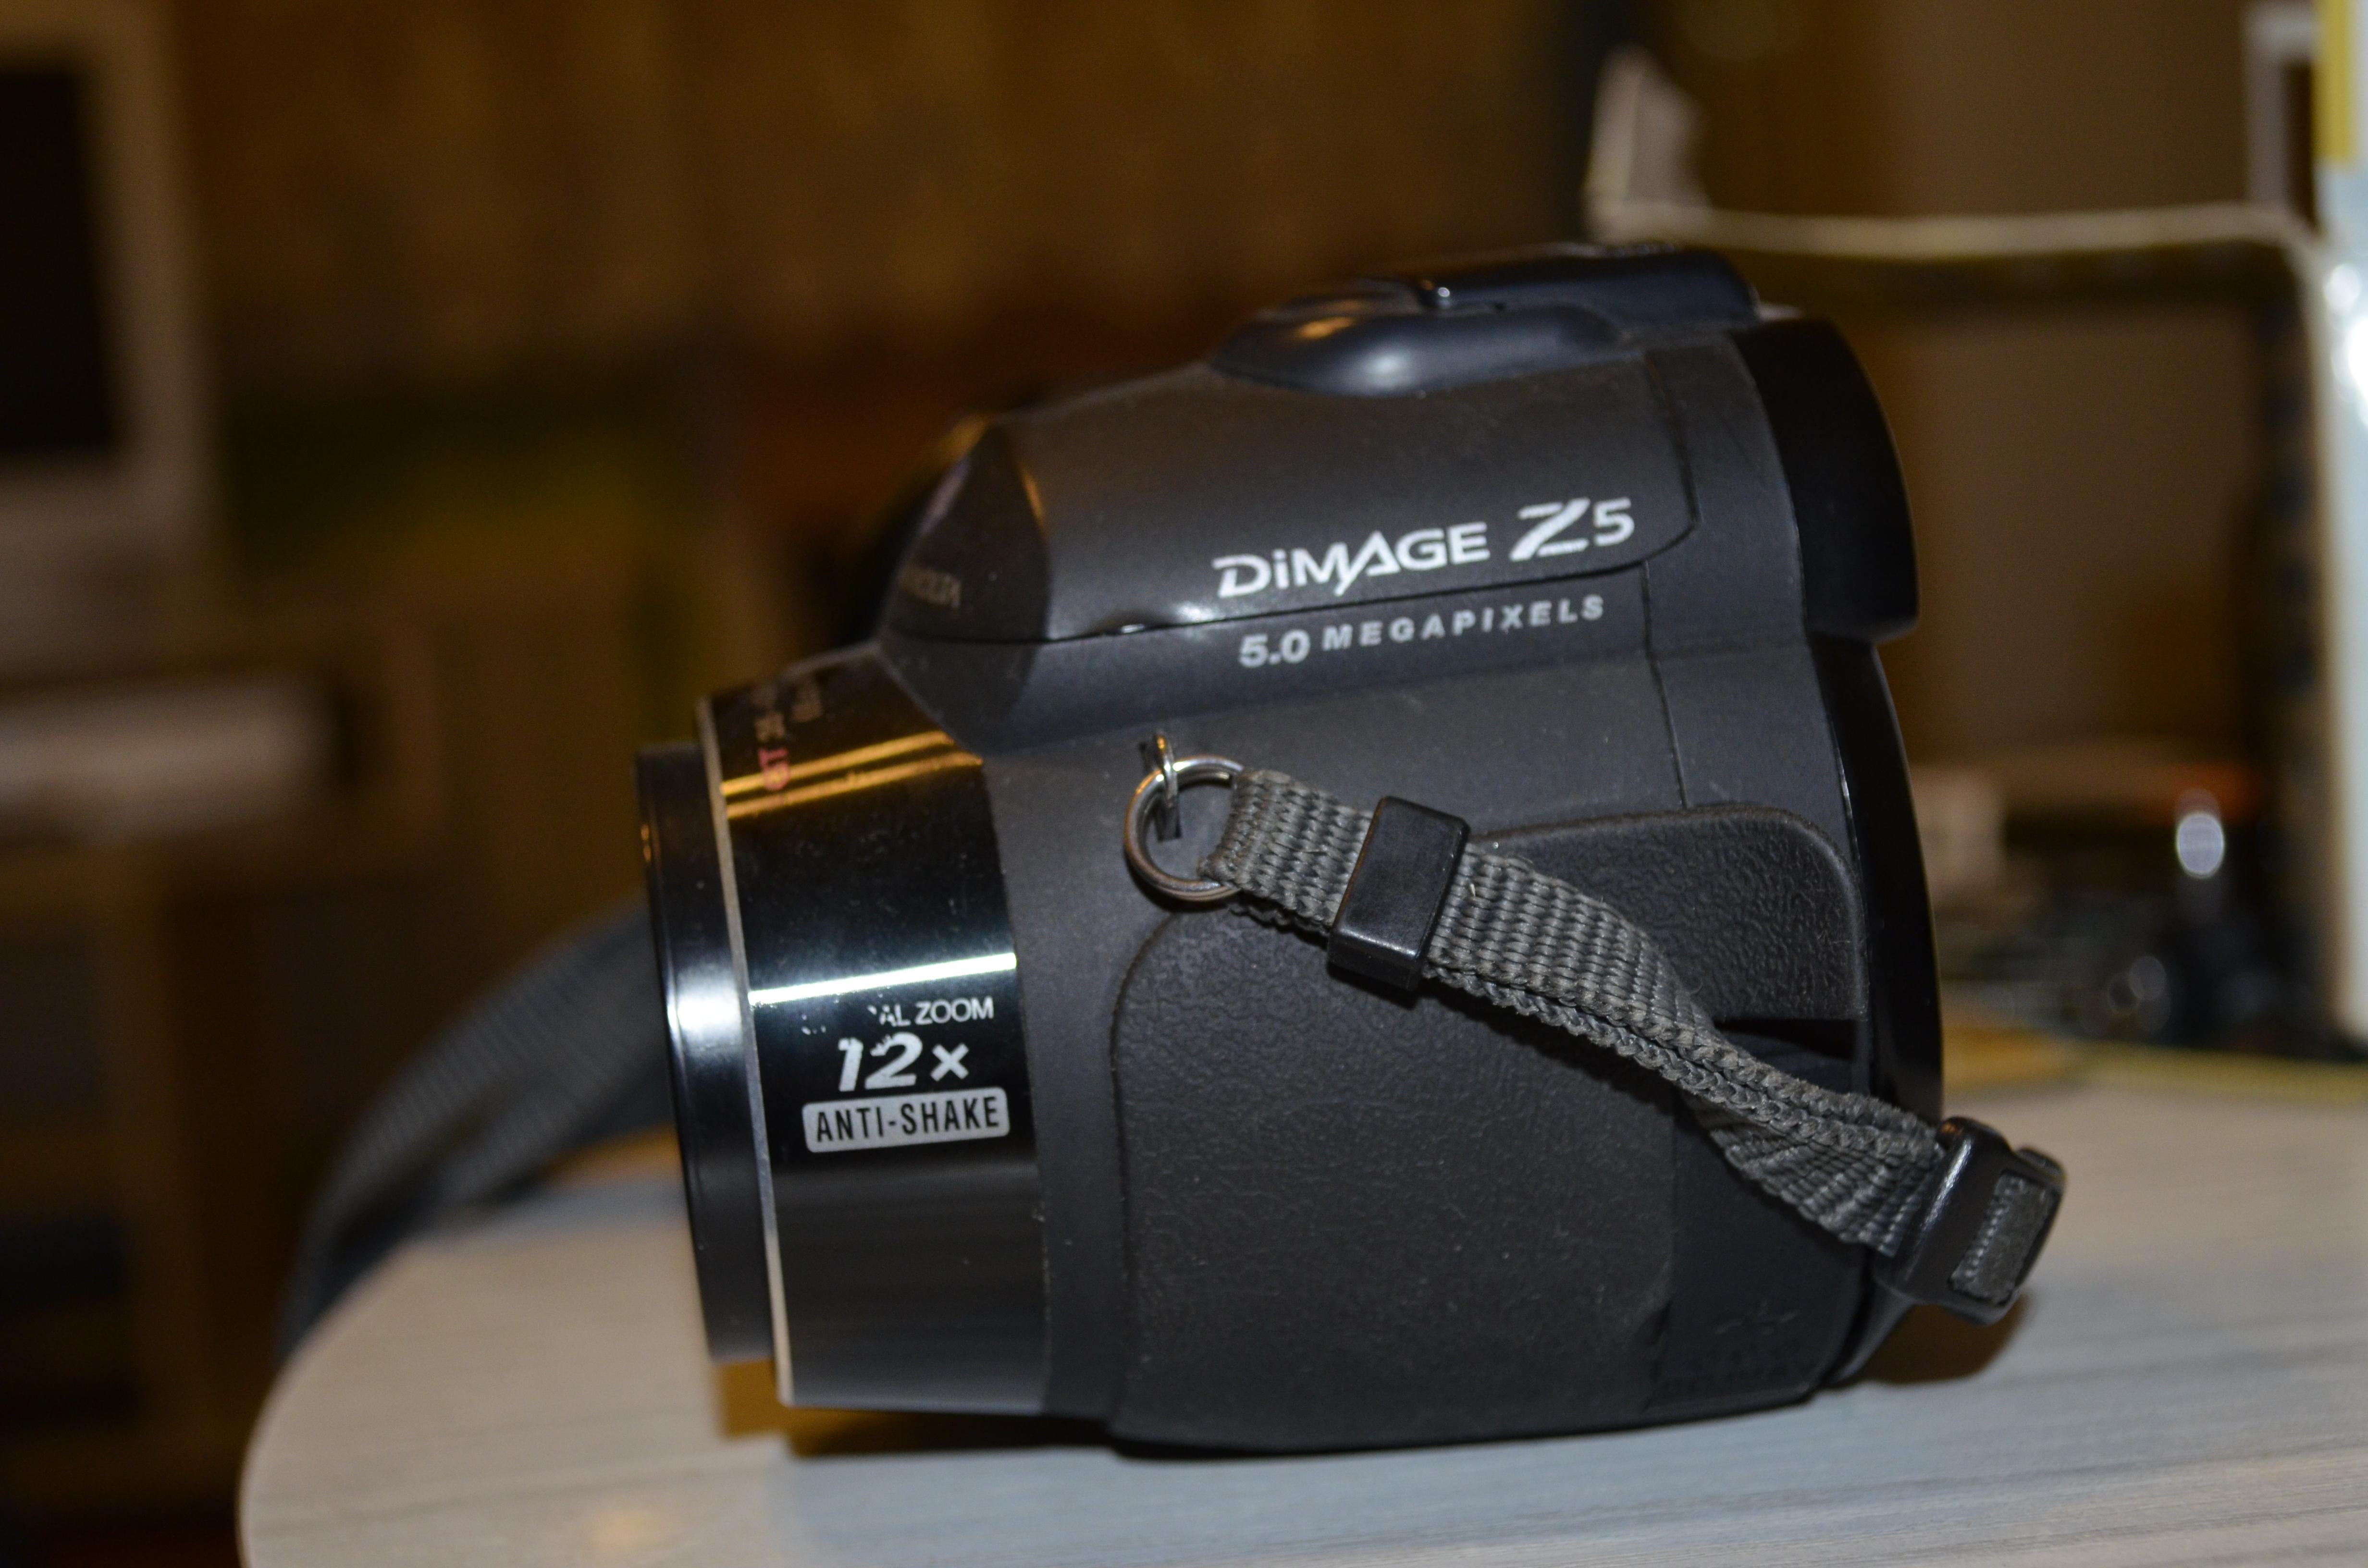 Konica Minolta Z5